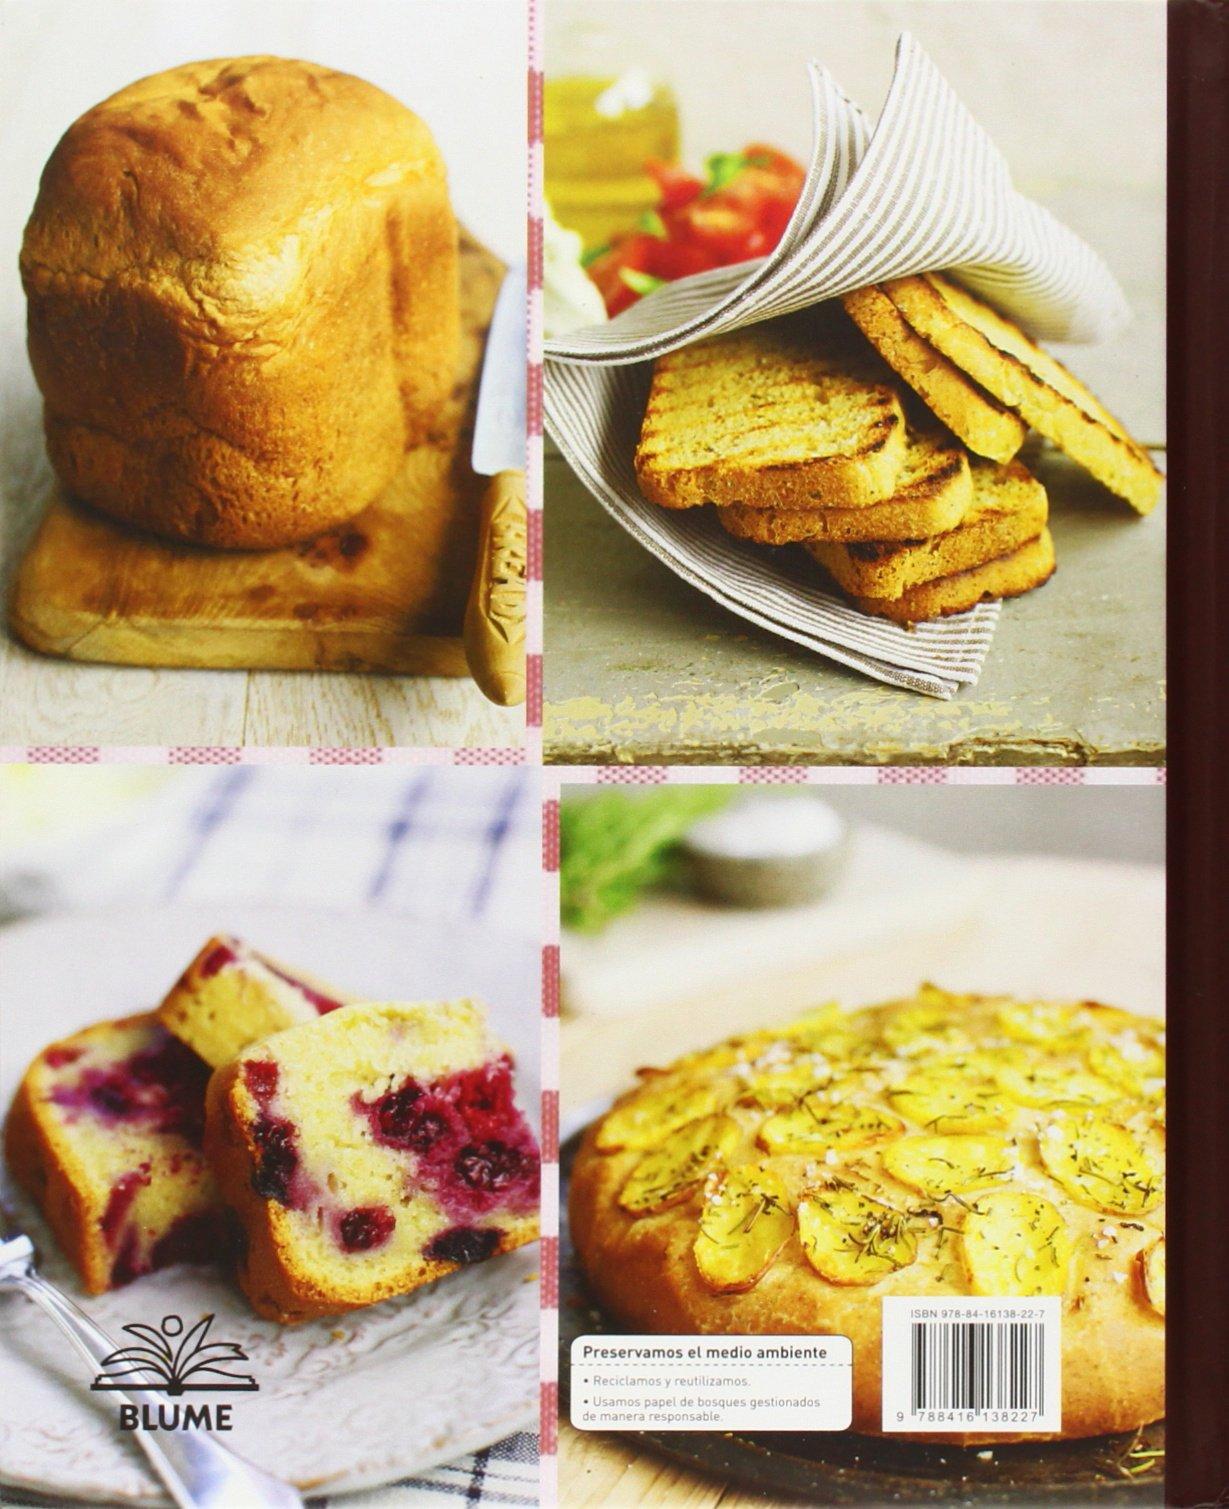 Amazon.com: 80 recetas de pan para elaborar con panificadora ...